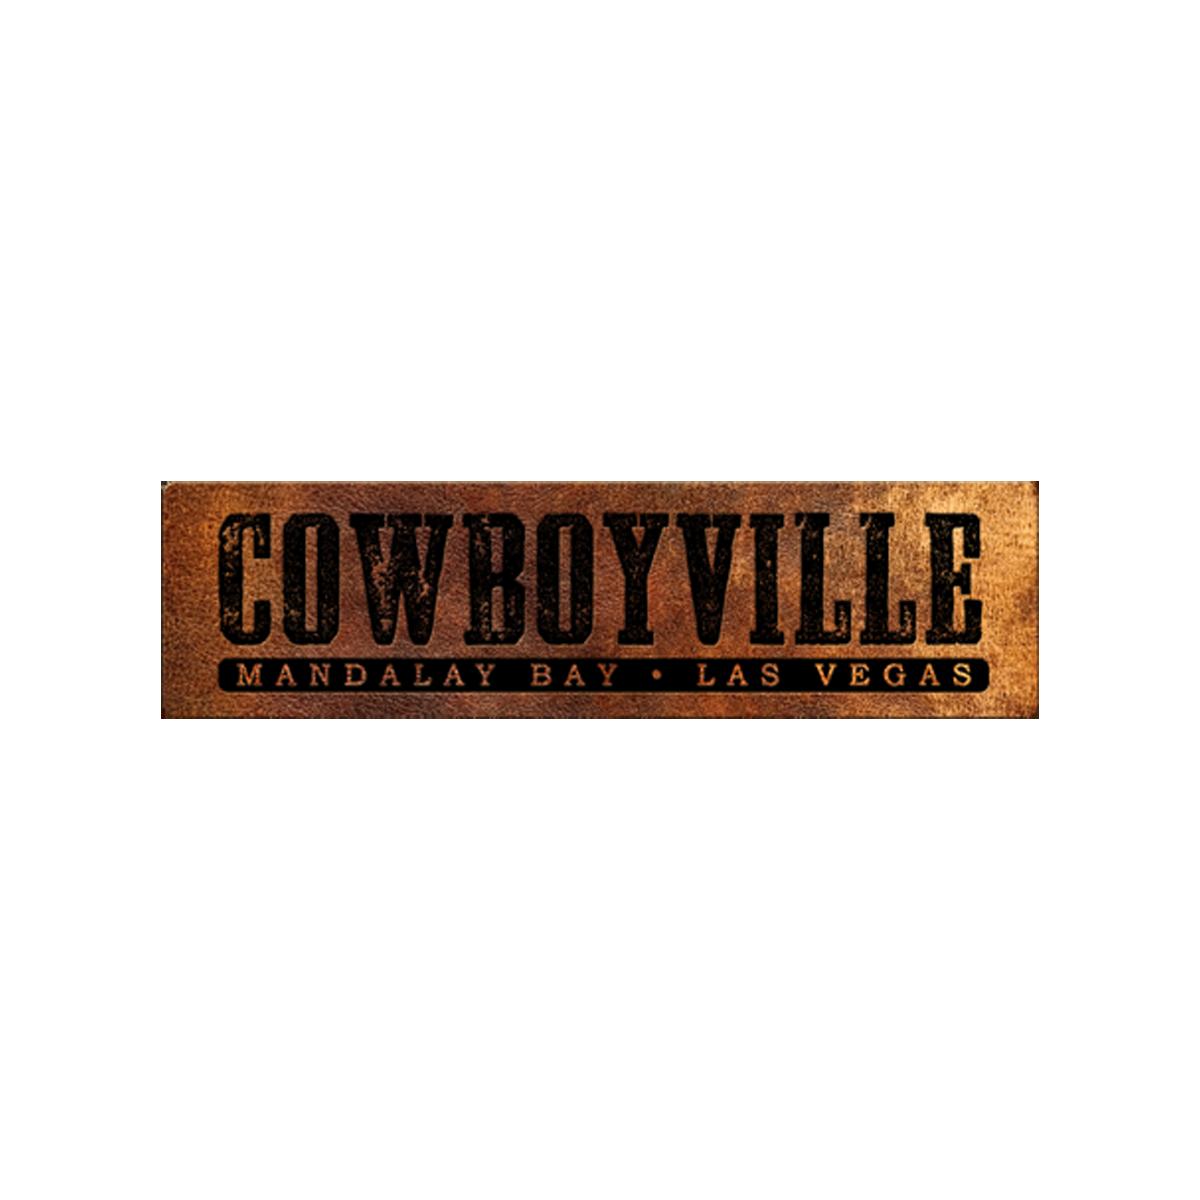 cowboyville.png